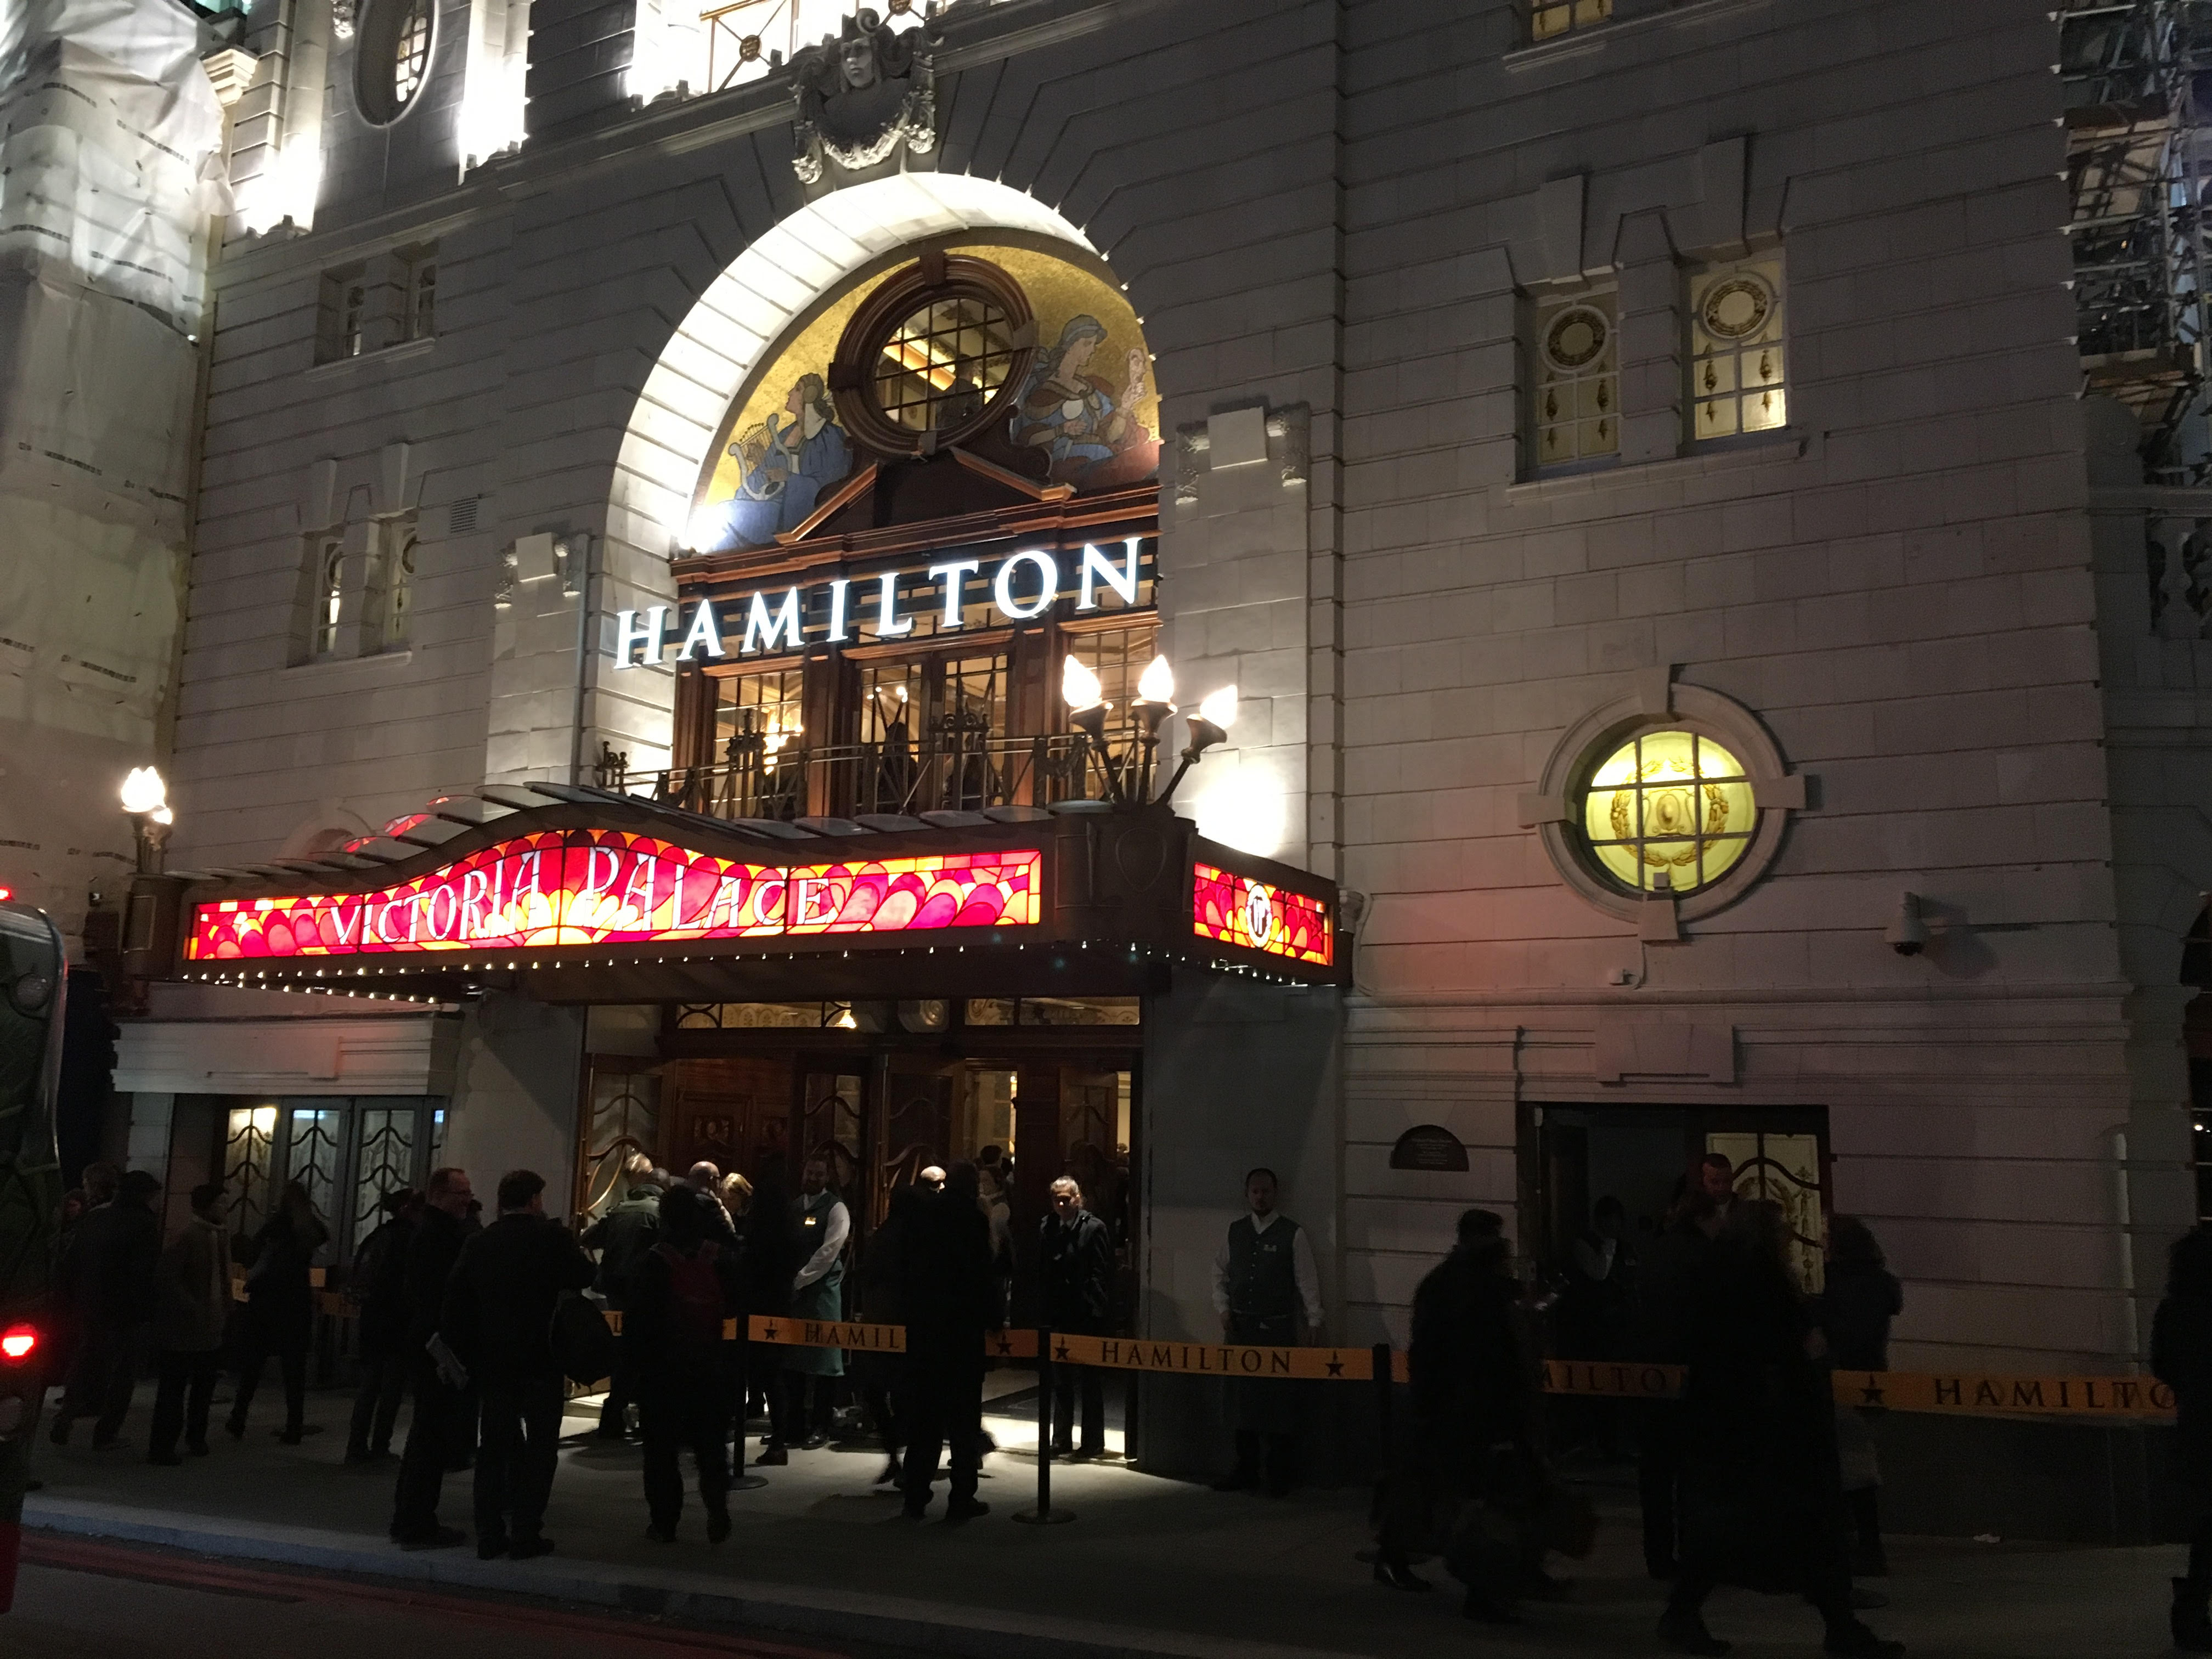 Hamilton crosses the pond for West End premiere